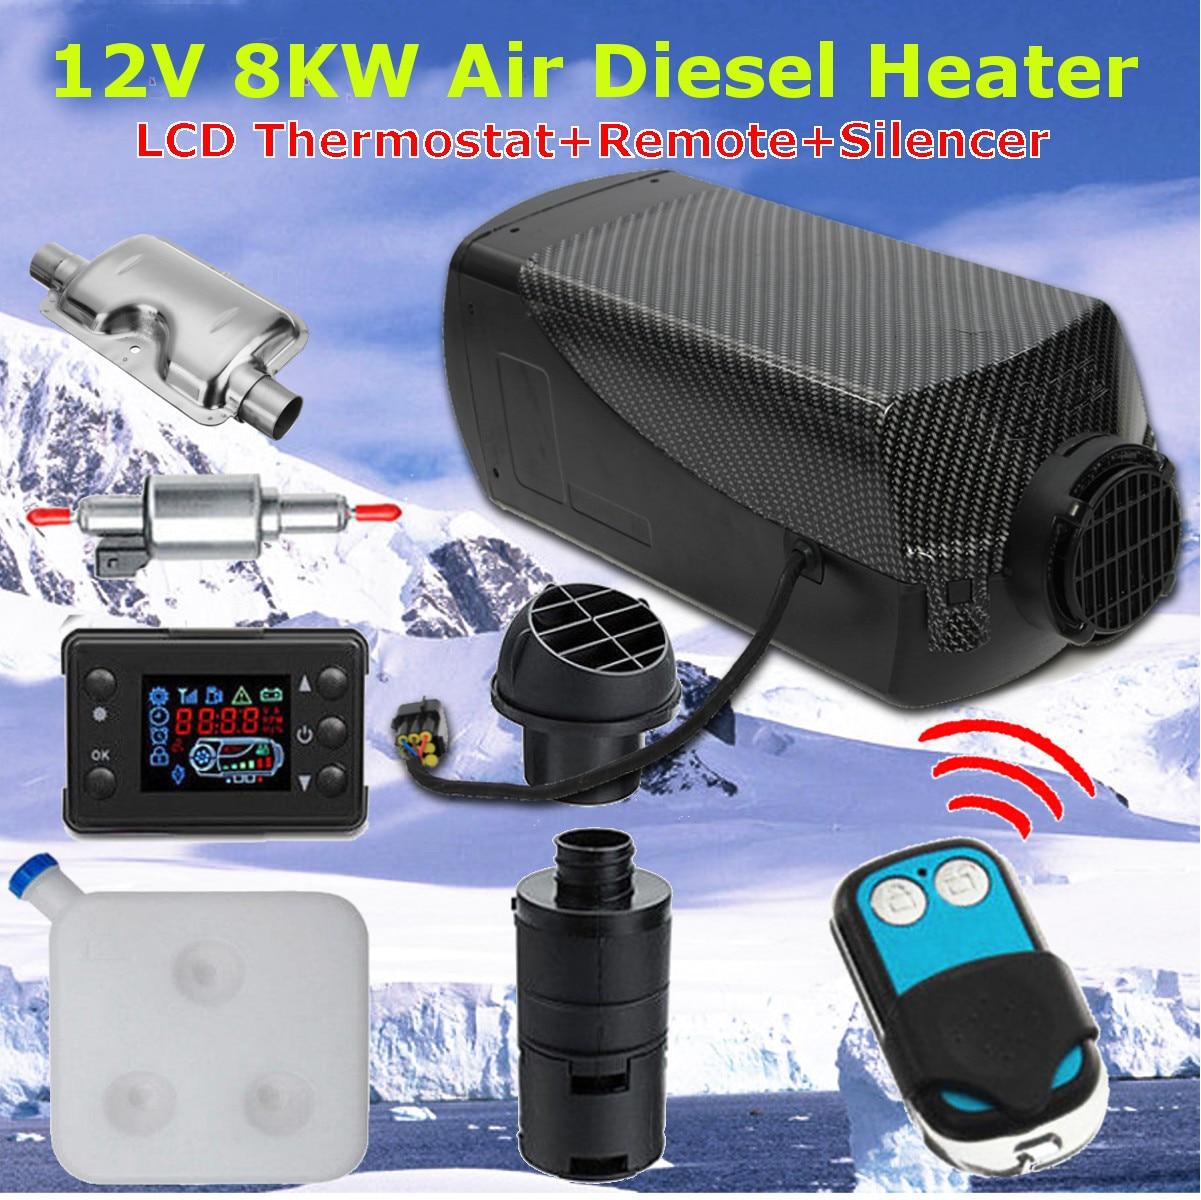 12 V 8000 W Monitor LCD Ar diesel Aquecedor De Combustível Único Furo 8KW Para Ônibus Barco Aquecedor Do Carro Com Controle Remoto controle e Silenciador Para livre